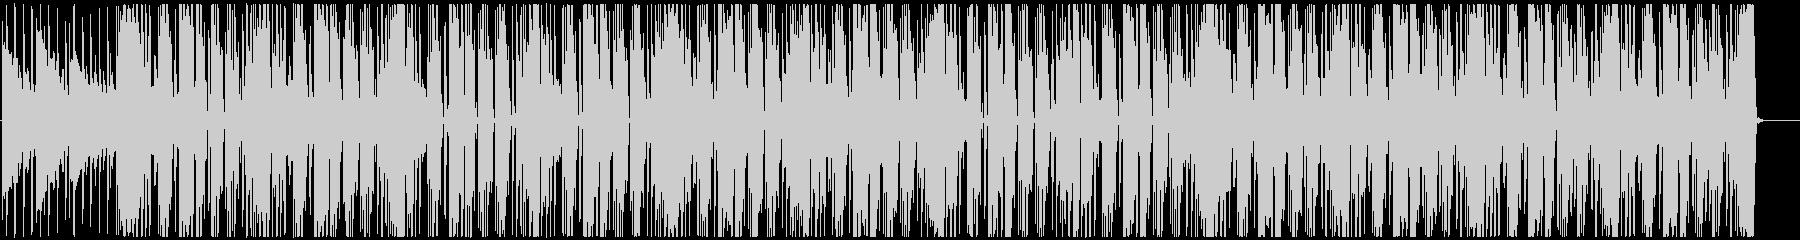 レゲエ サックスがリードするハートビートの未再生の波形